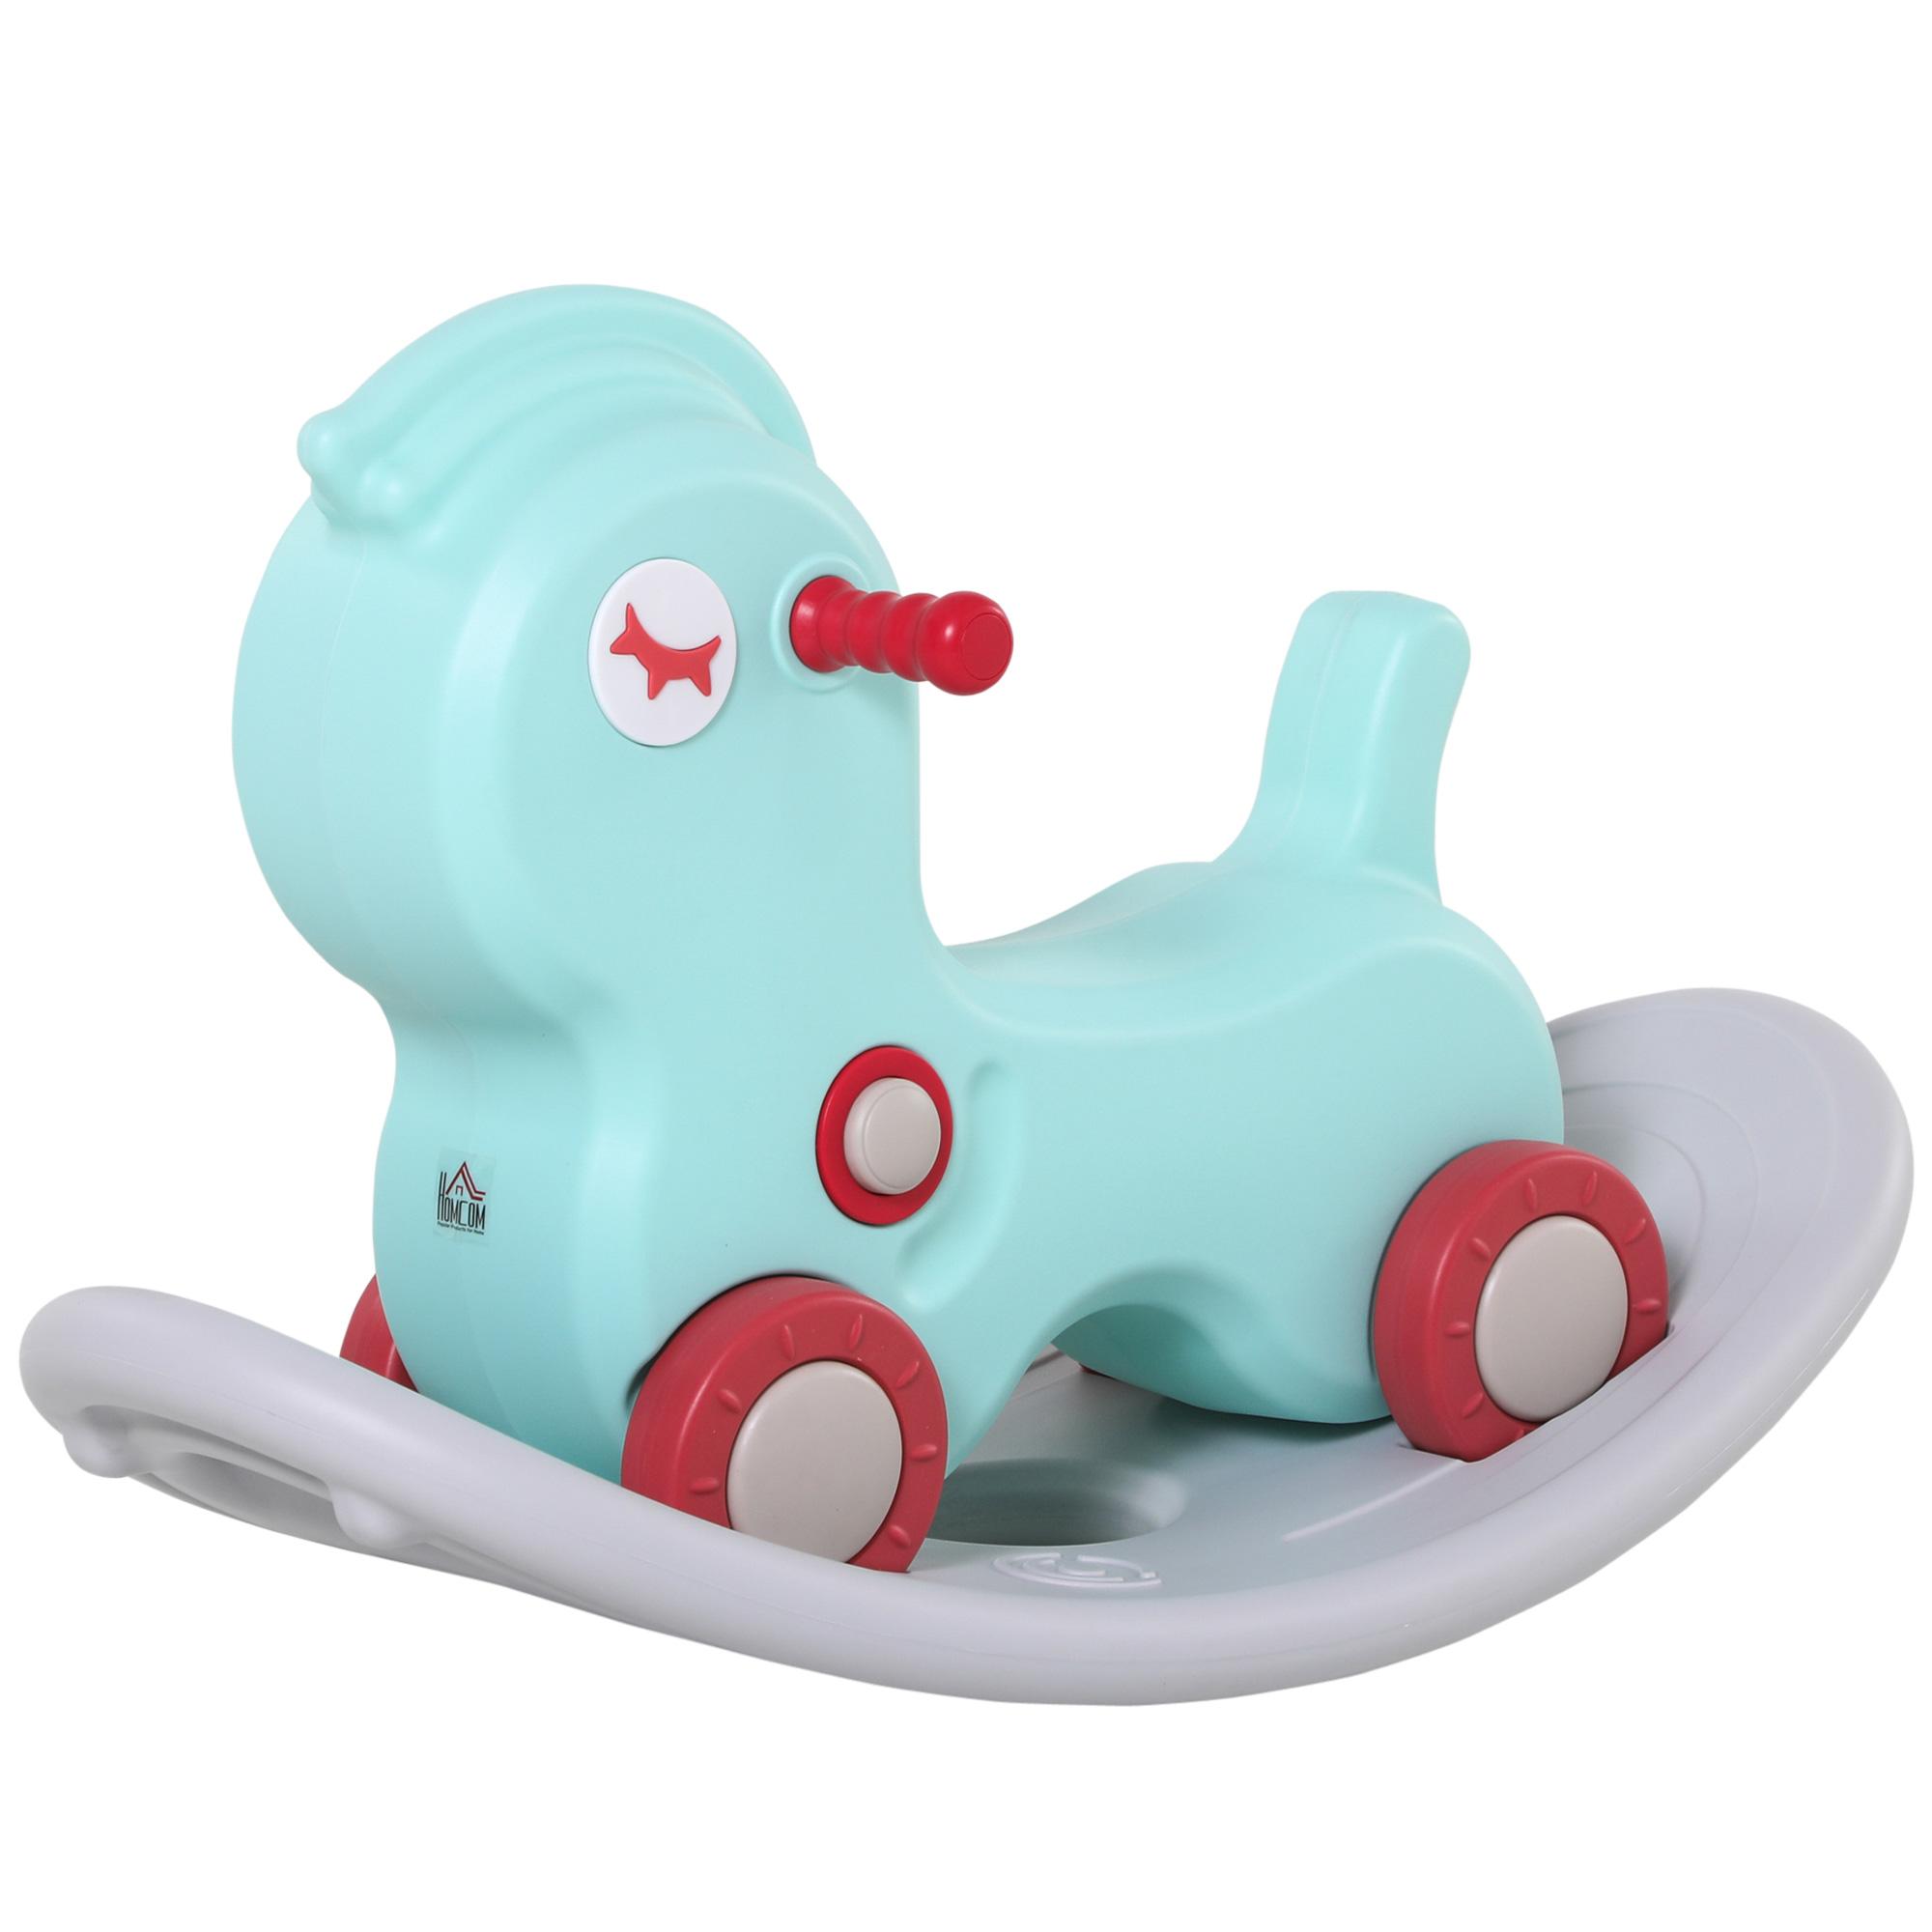 HOMCOM Cavallo a Dondolo 2 in 1 con Ruote e Giochi Sonori per Bambini 1 4 Anni